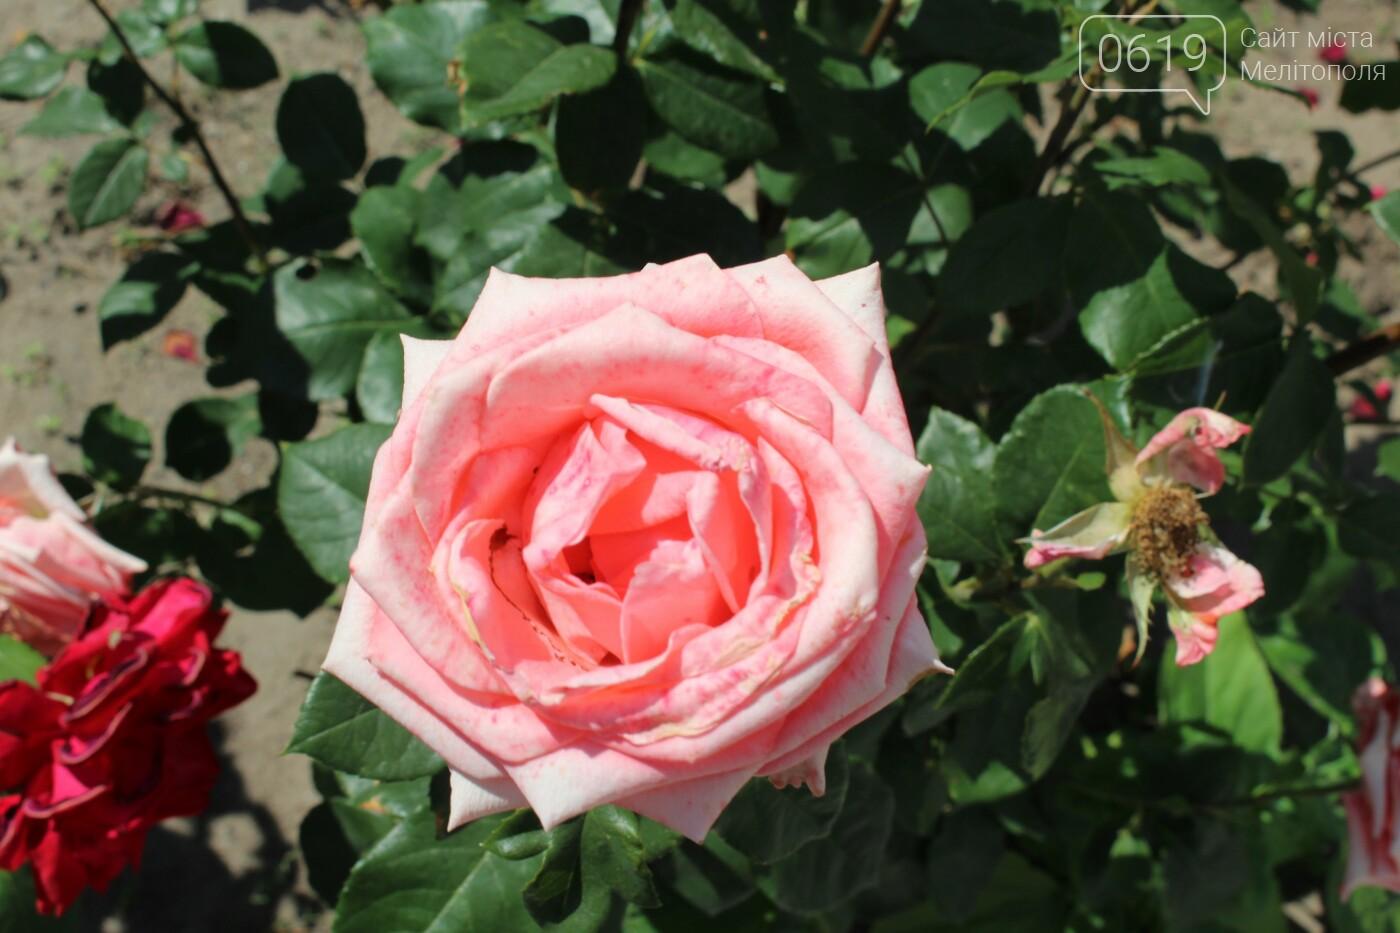 Мелитополь - город роз: королева цветов повсюду, фото-6